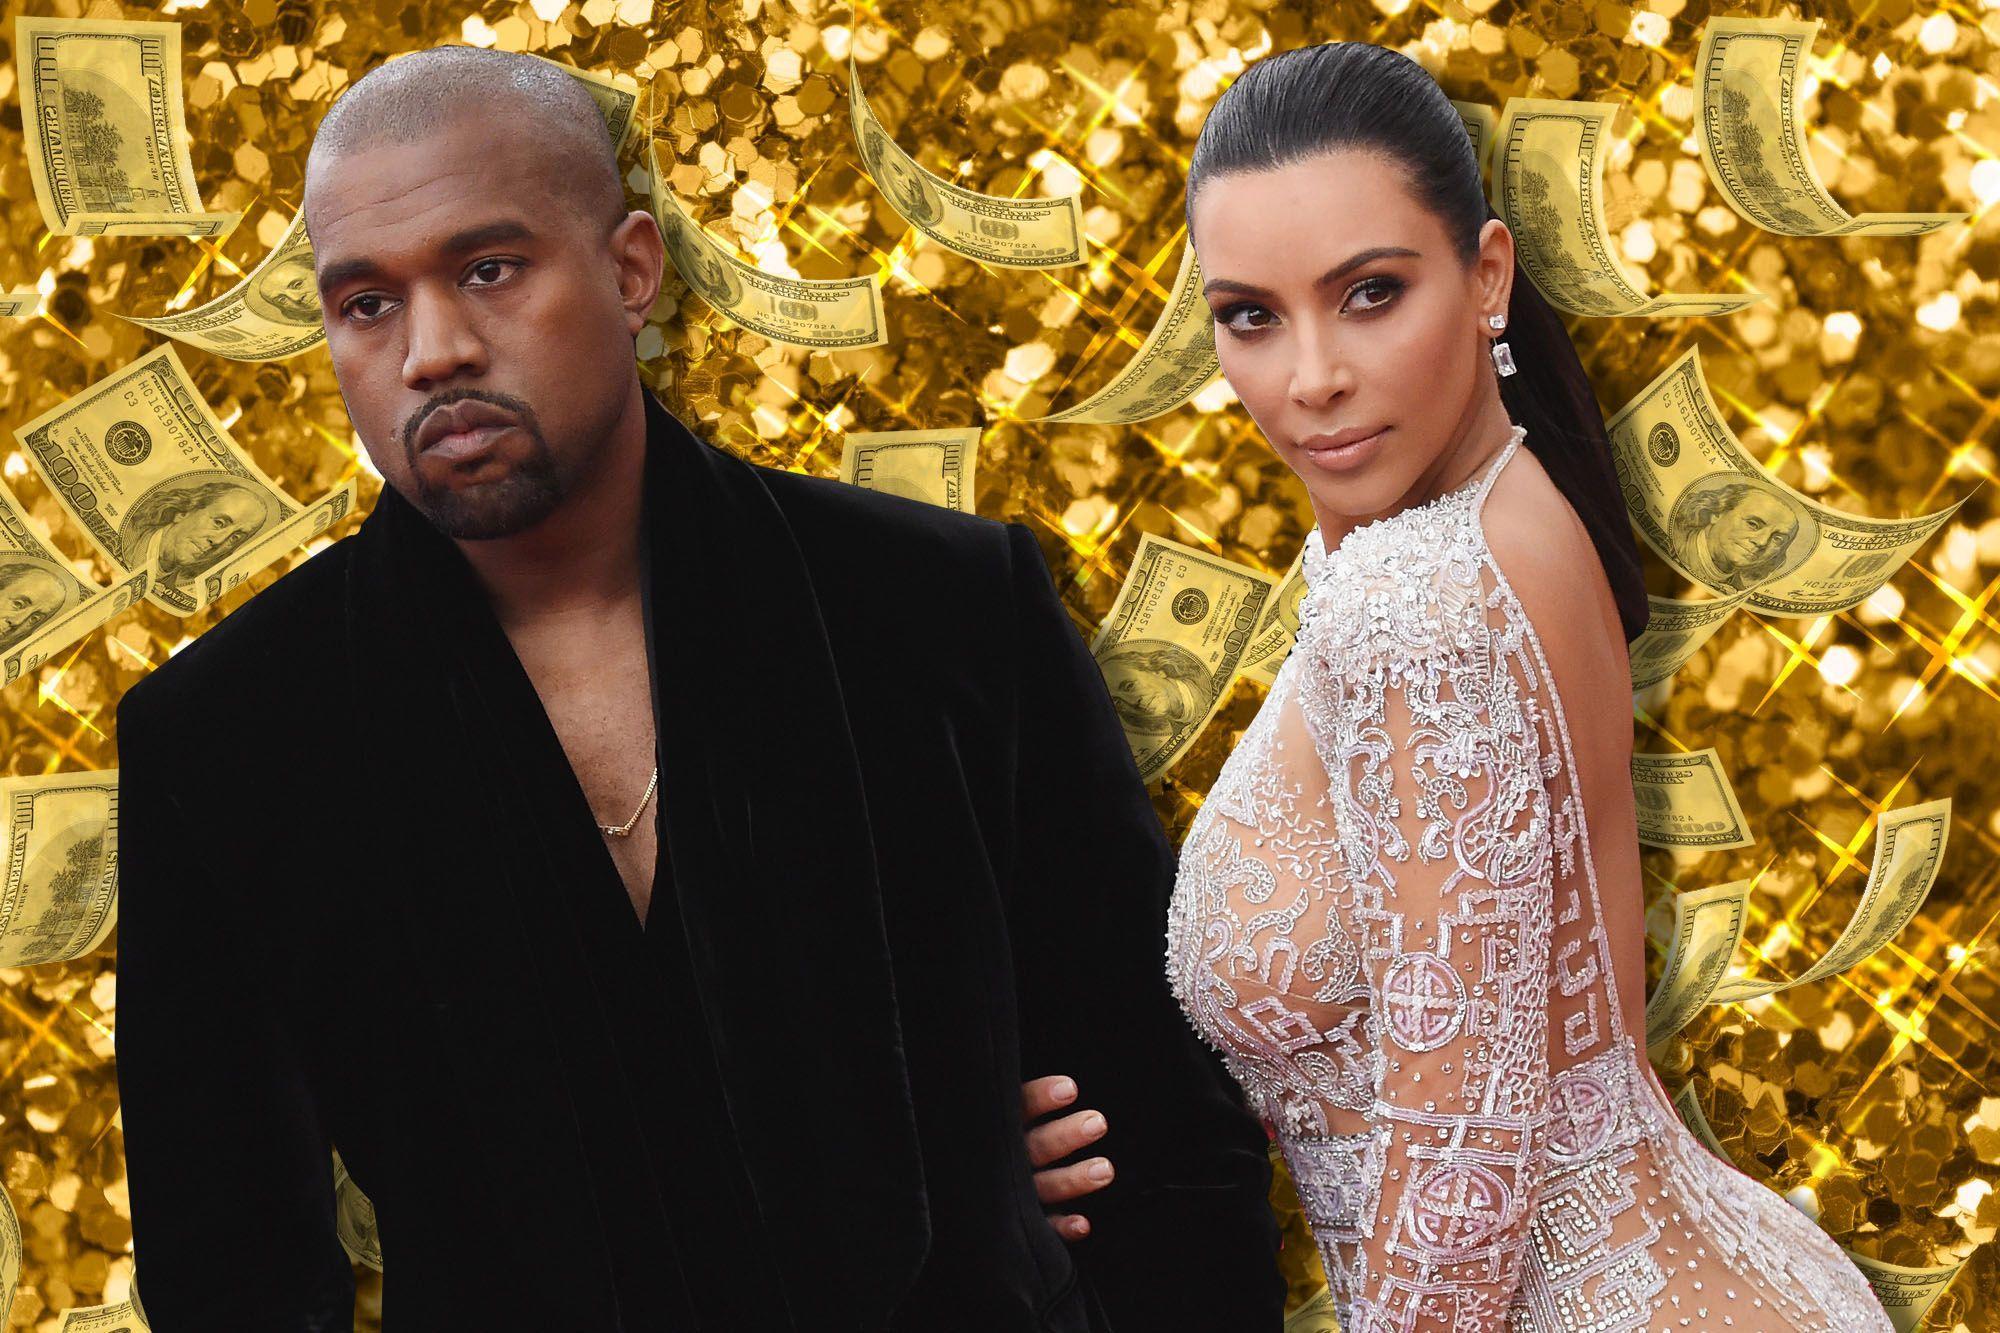 Khối tài sản của rapper Kanye West tăng lên 6,6 tỷ USD